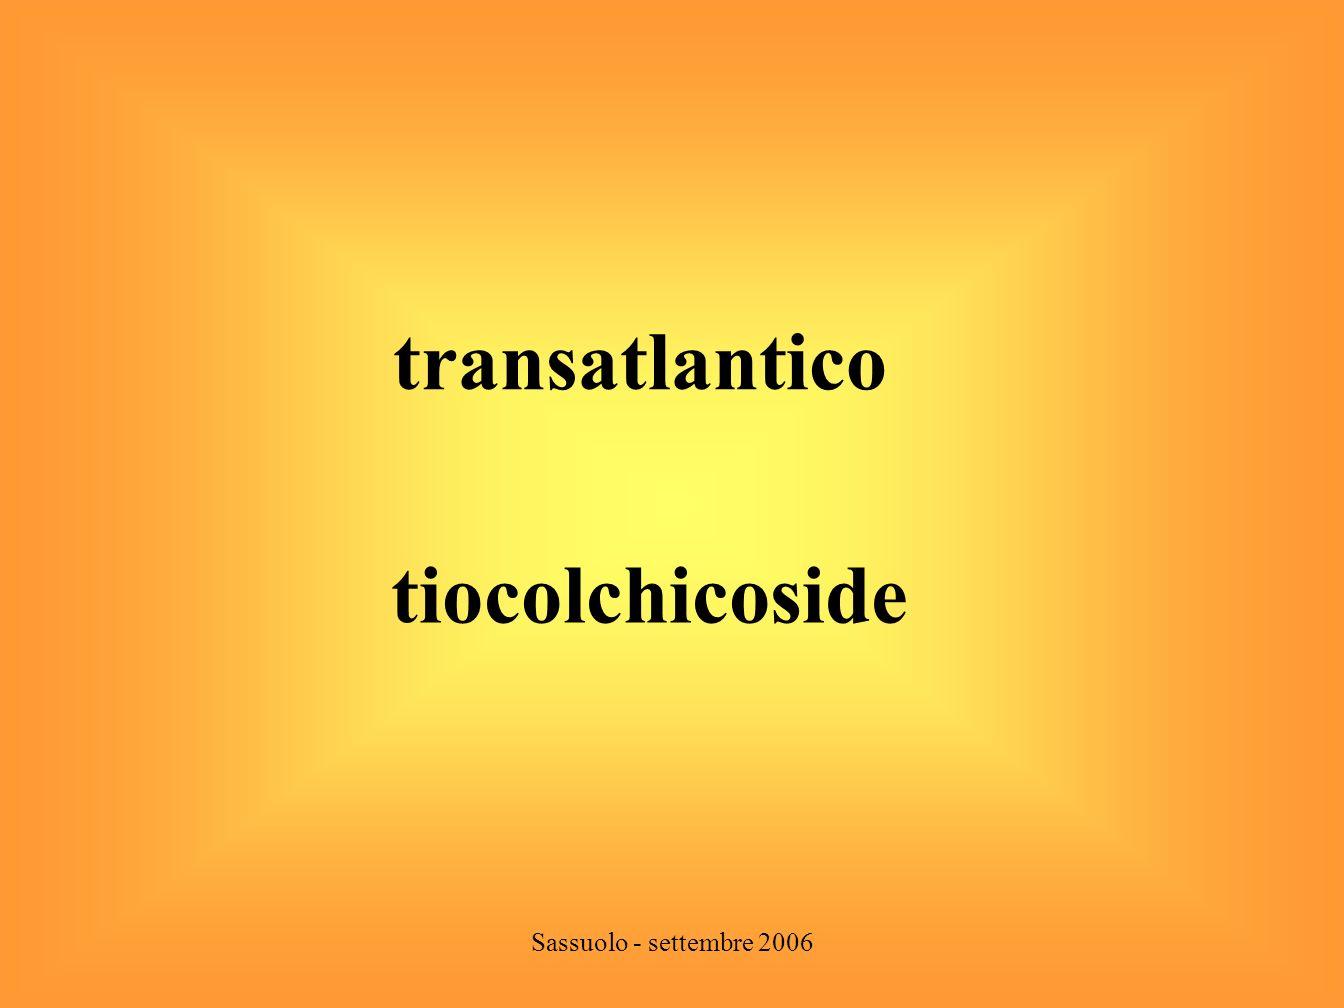 transatlantico tiocolchicoside Sassuolo - settembre 2006